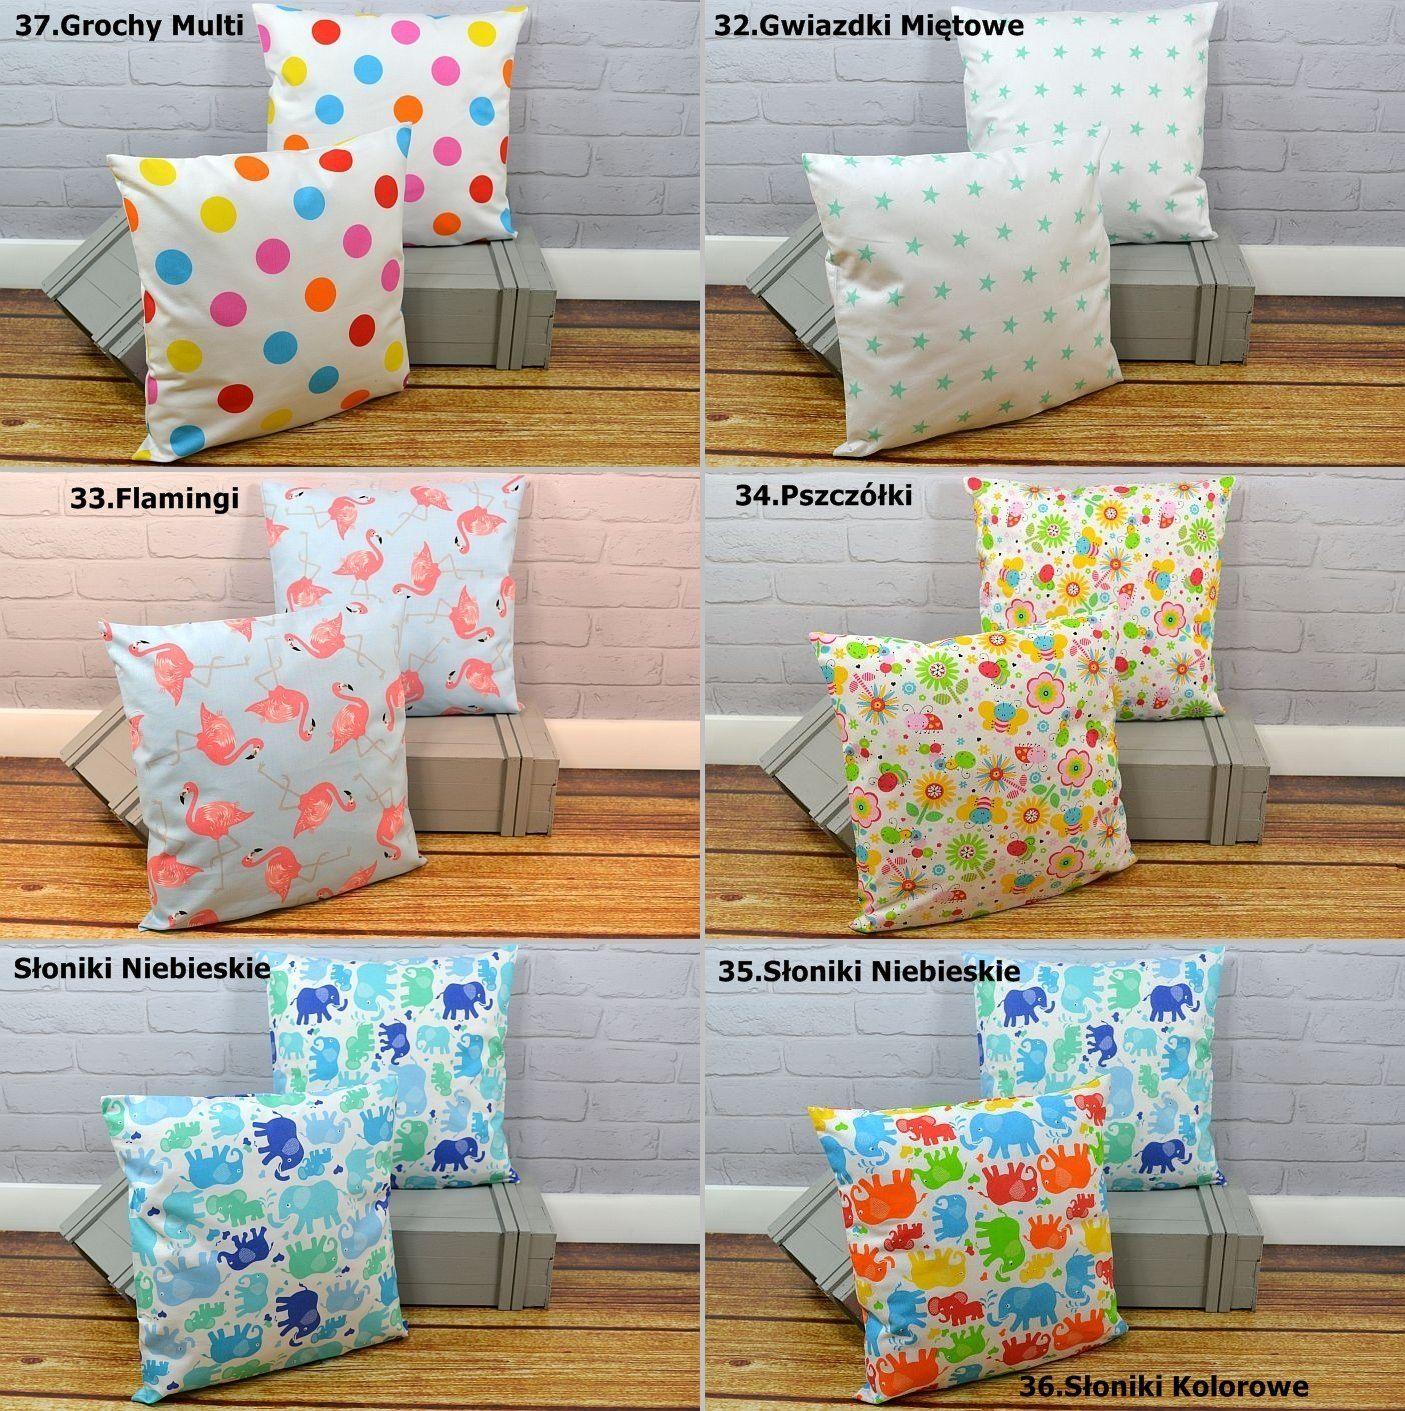 Kup Teraz Na Allegro Pl Za 5 47 Zl Poszewka Na Poduszke 40x40 100 Bawelna Duzy Wybor 6887601657 Allegro Pl Radosc Zakupow I B Throw Pillows Pillows Bed